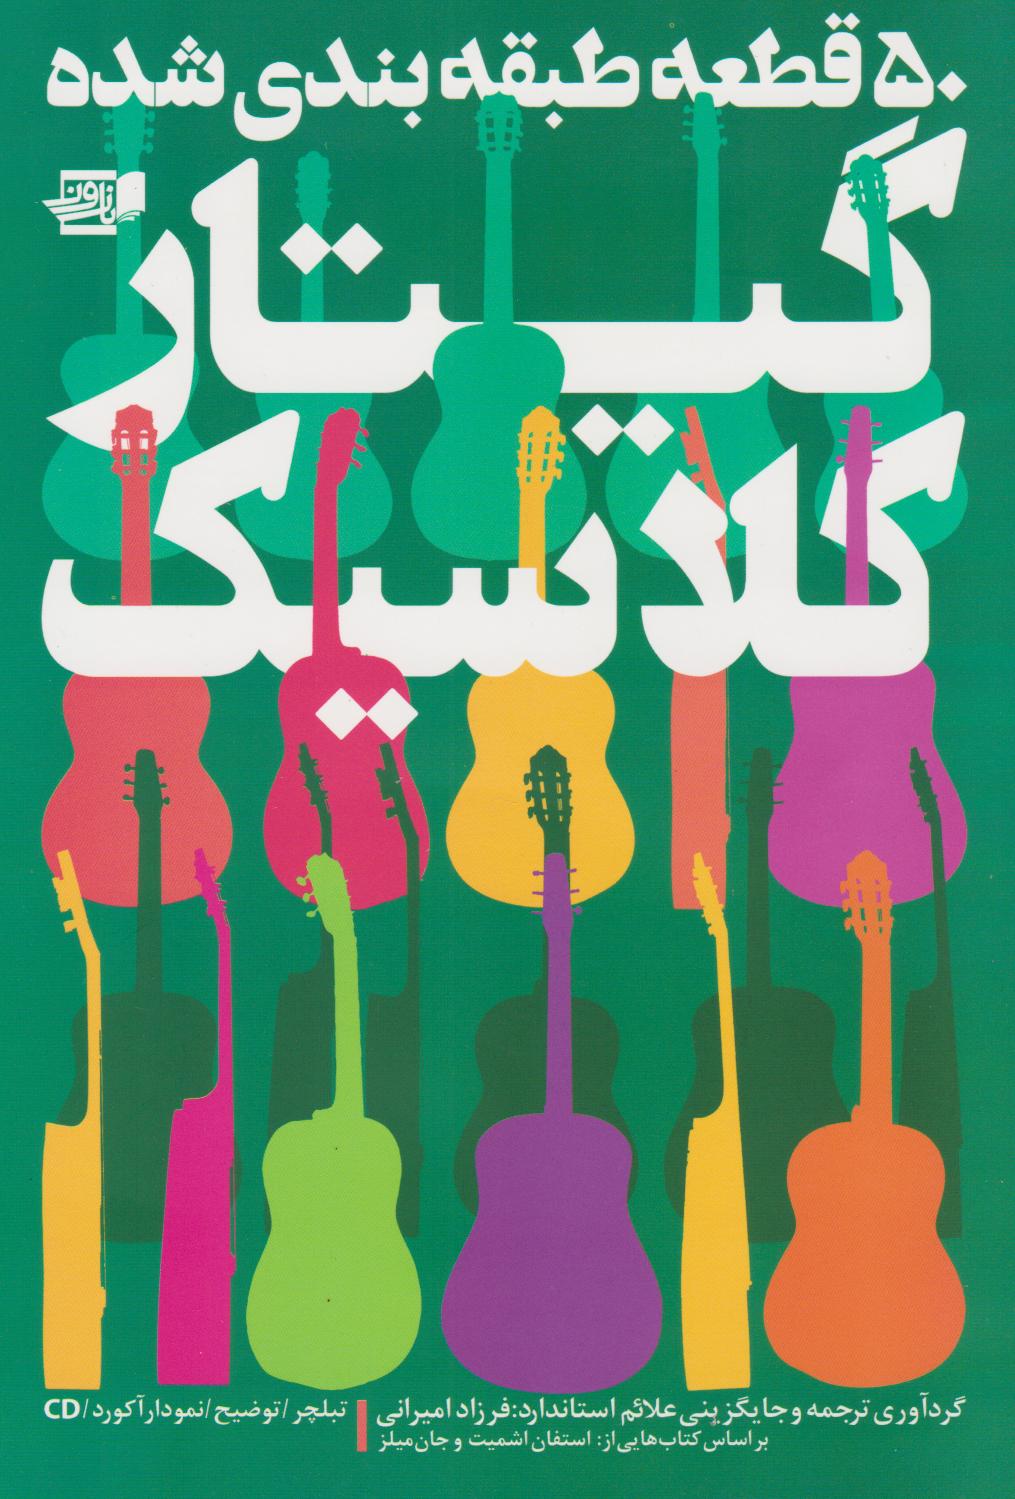 کتاب پنجاه قطعه ساده گیتار کلاسیک فرزاد امیرانی انتشارات رهام